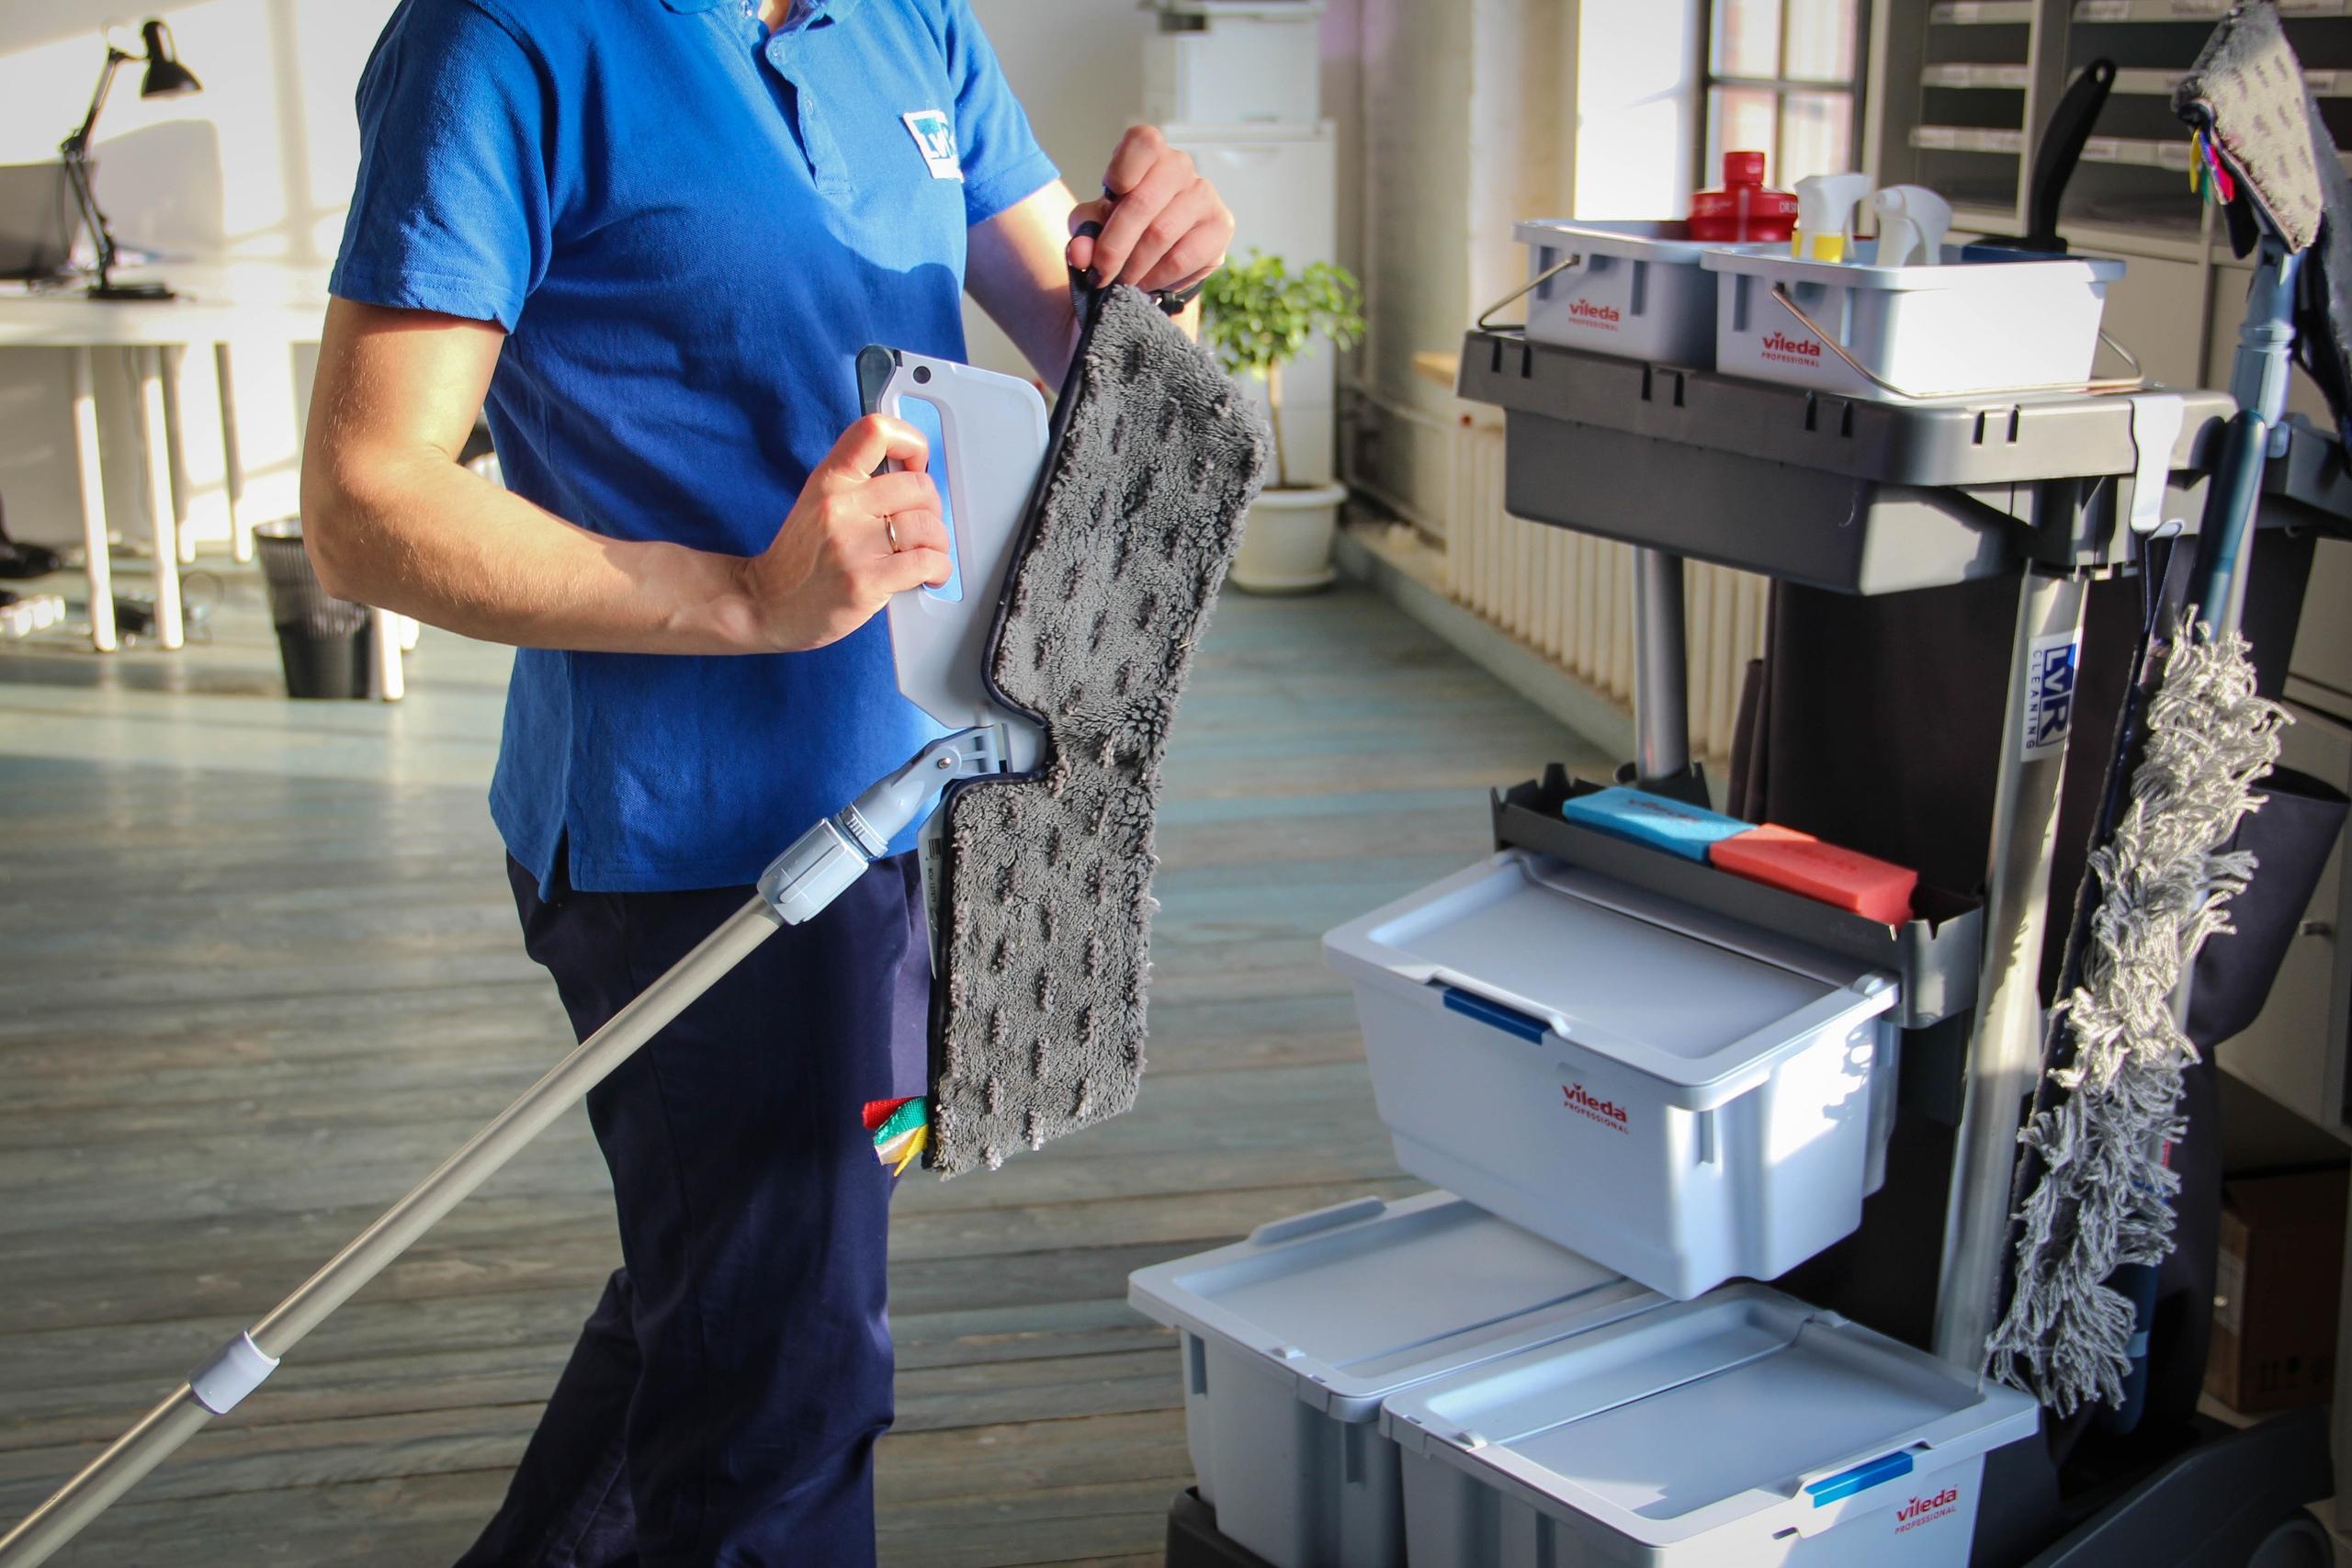 Уборка методом предварительной подготовки, изображение №4